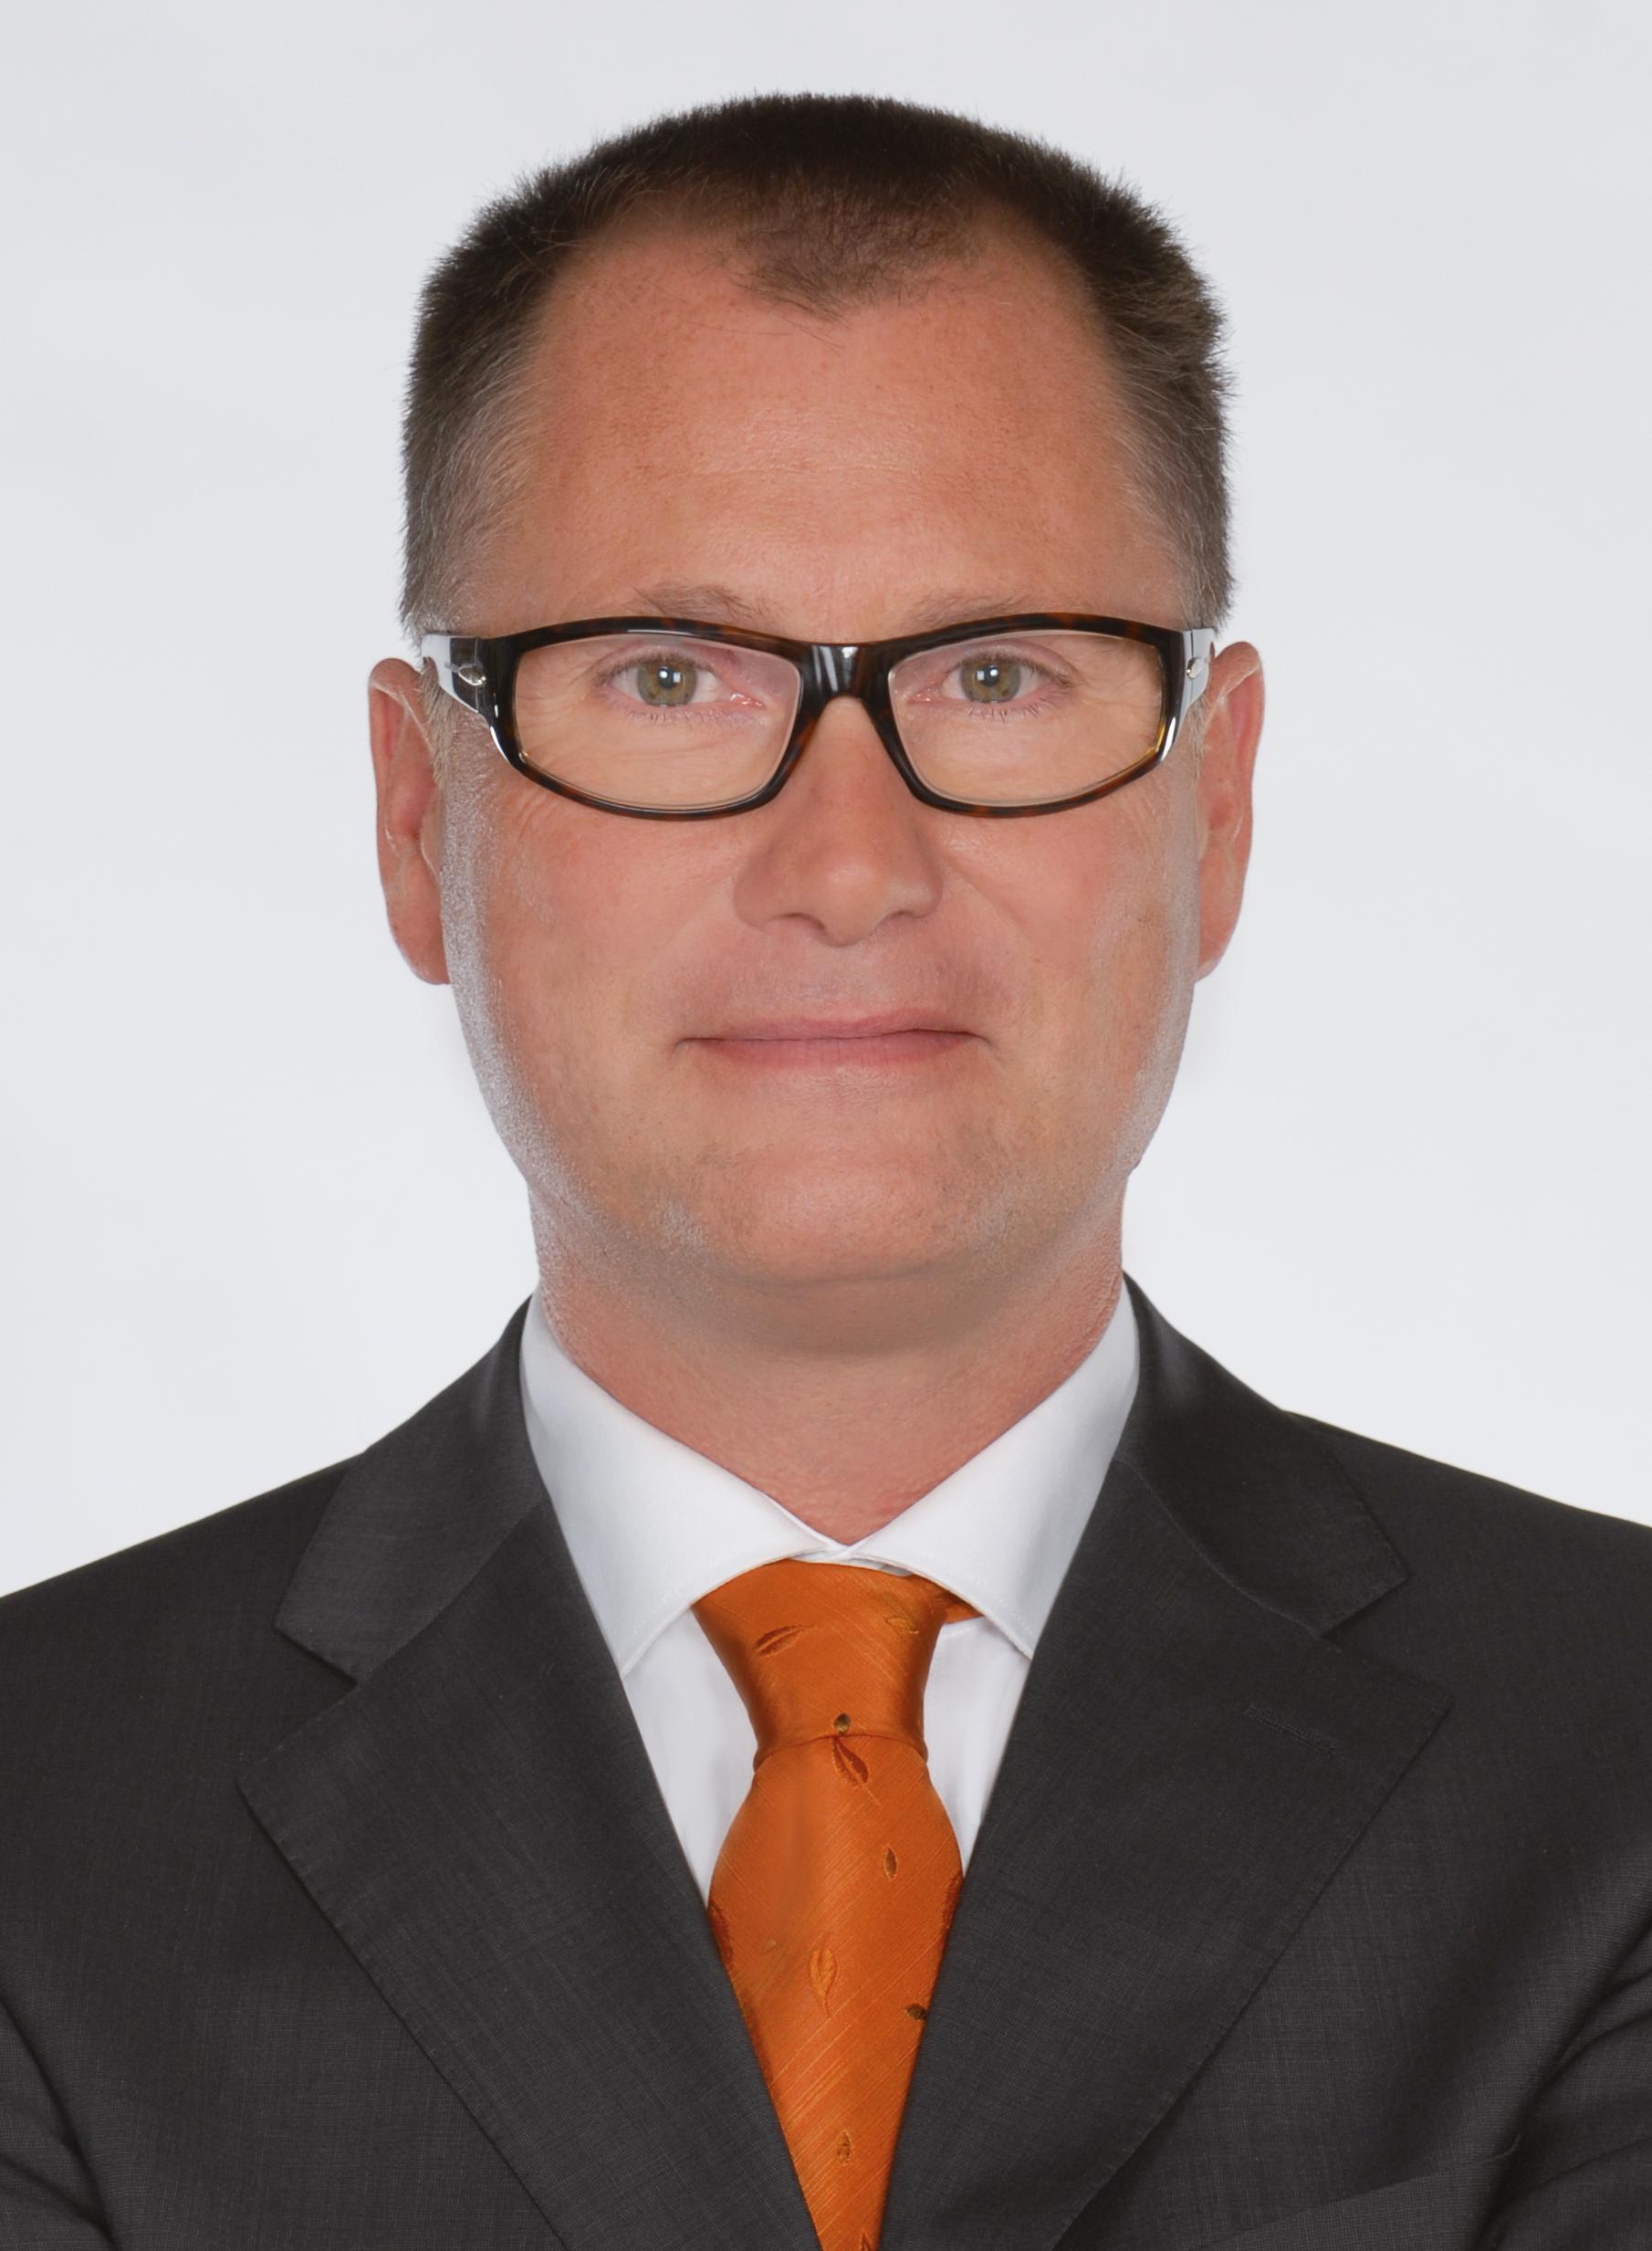 WalterSchnapp